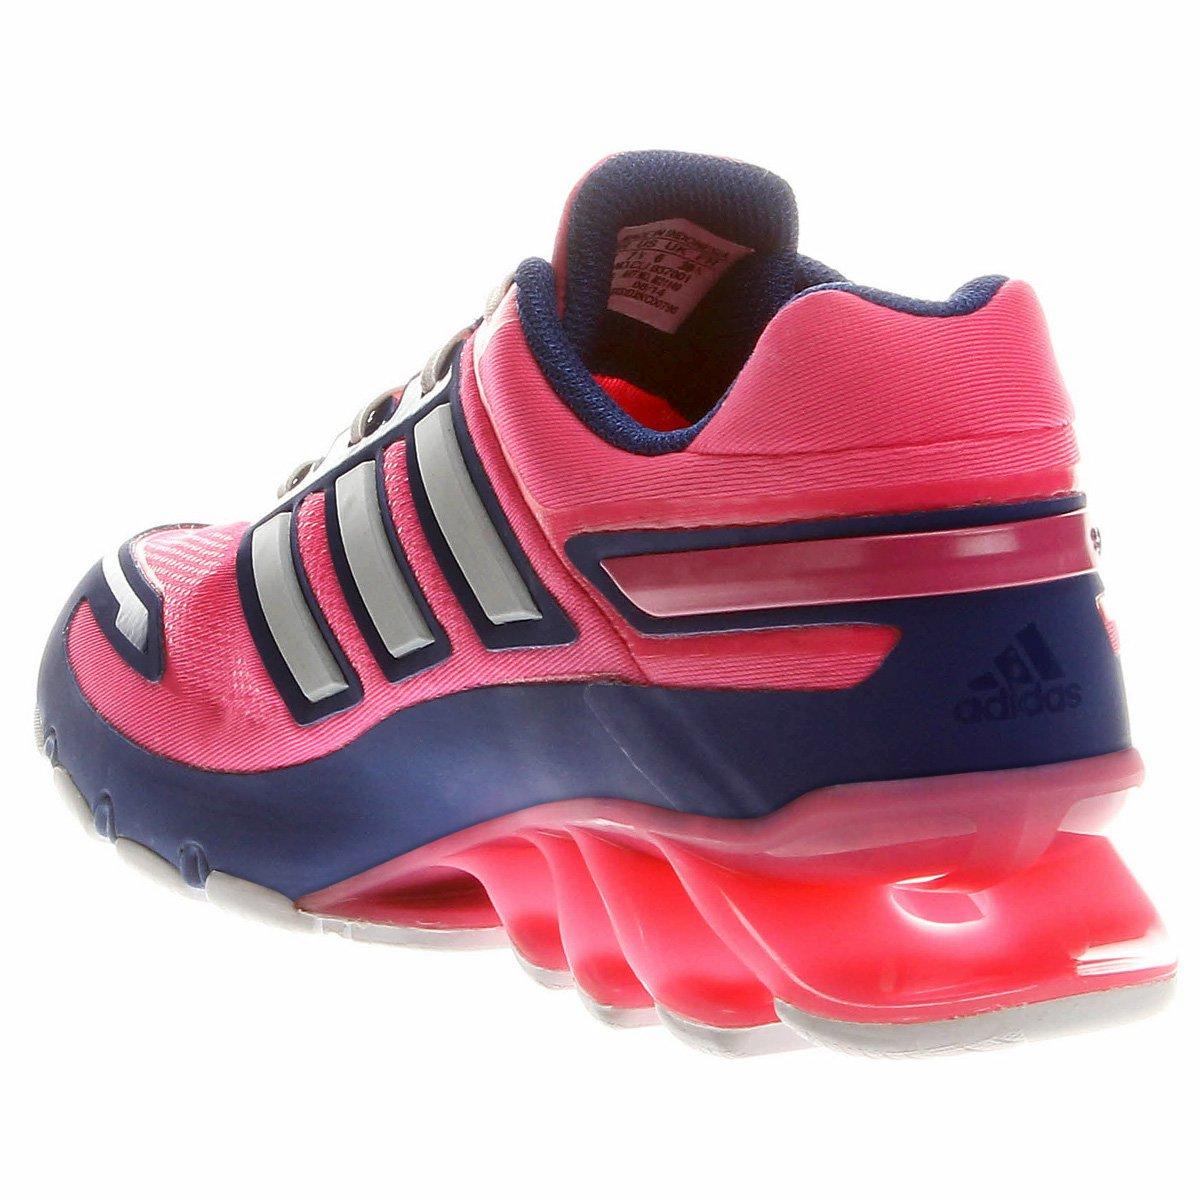 44353e5690 Tênis Adidas Springblade Ignite TF - Compre Agora